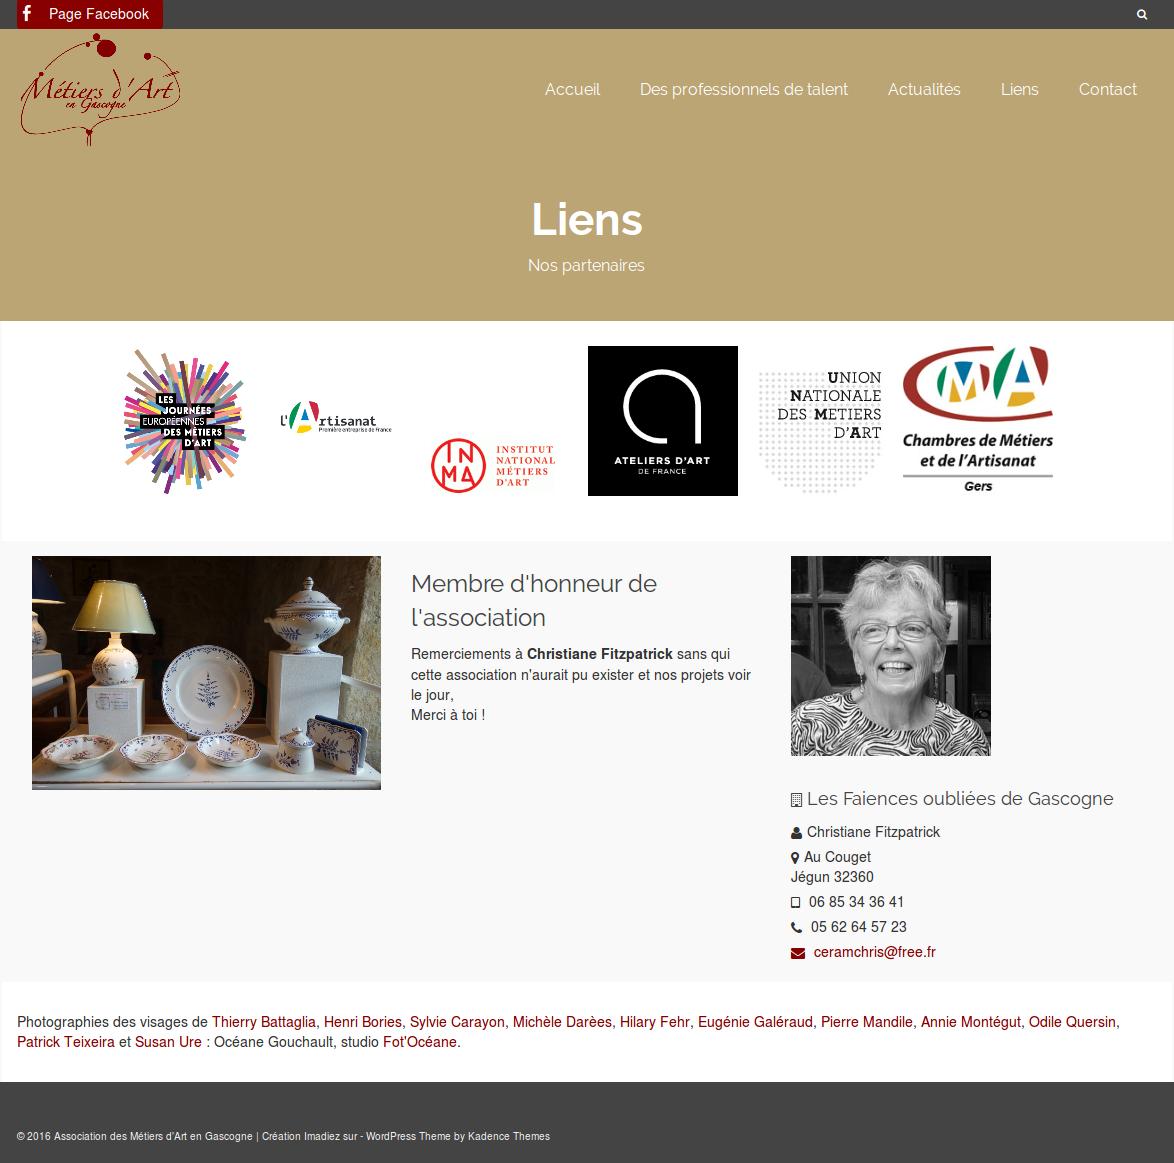 Association des Métiers d'Art en Gascogne : un nouveau site